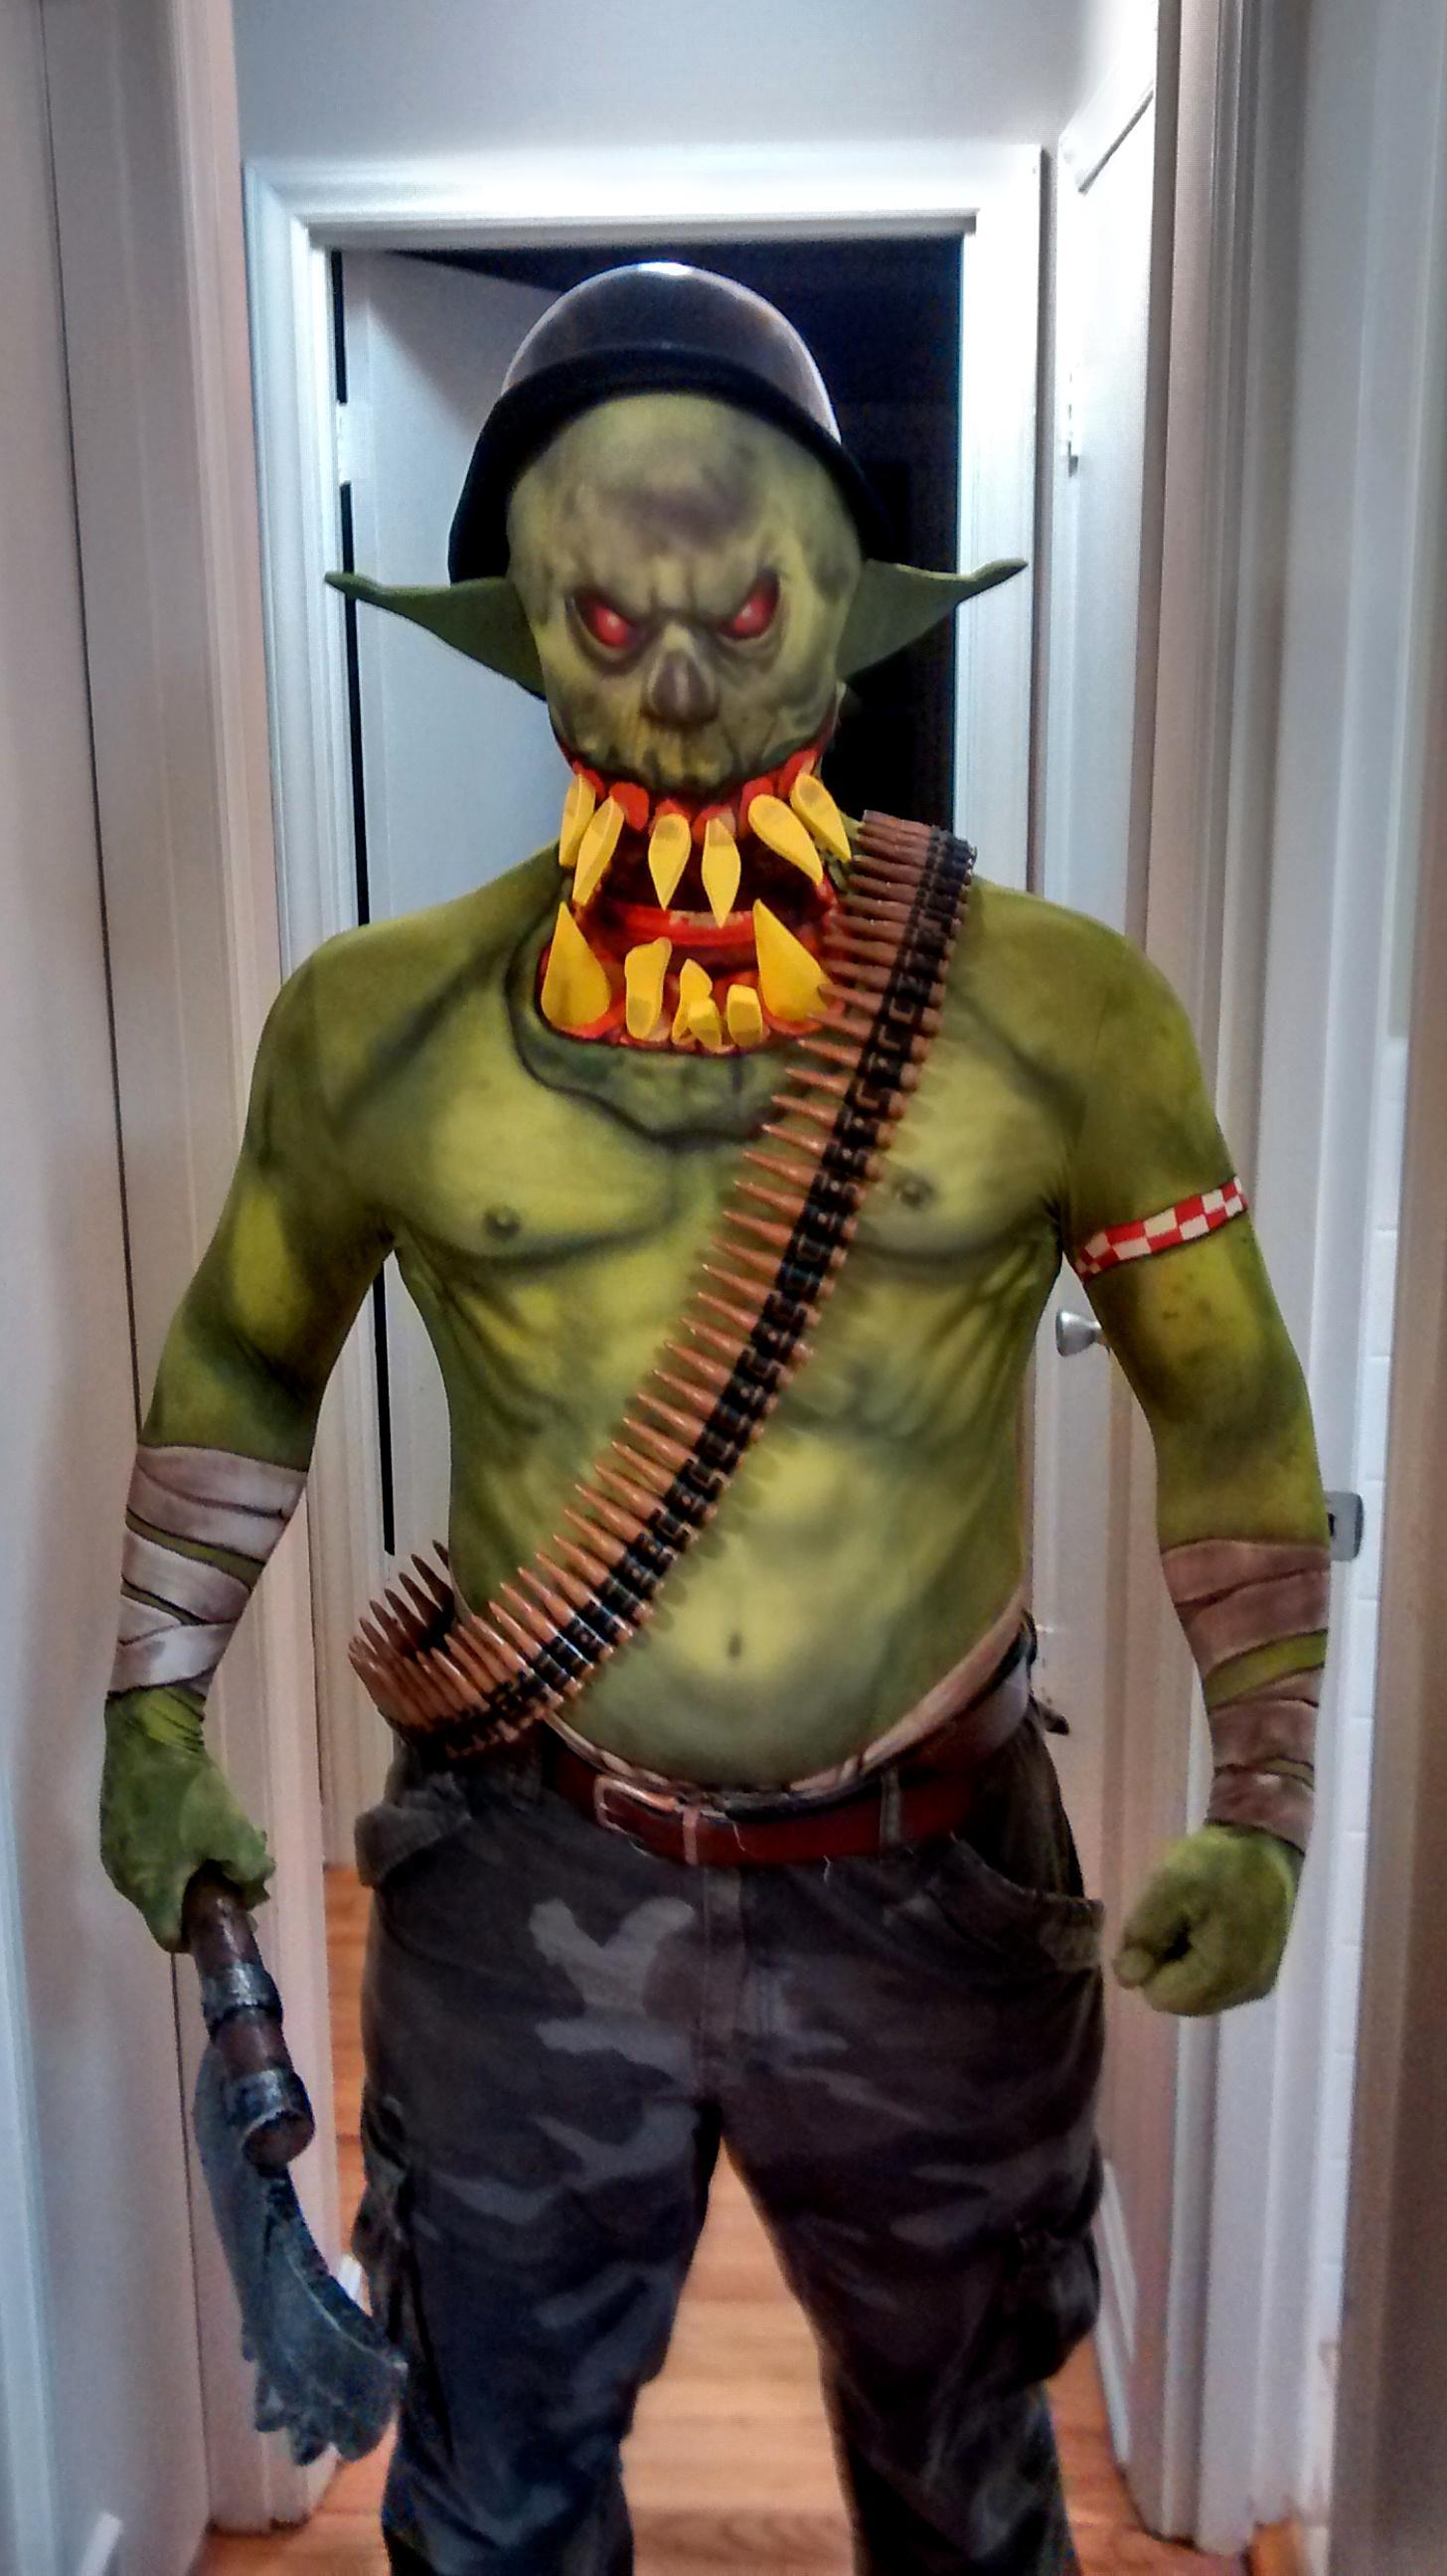 Choppa, Costume, Halloween, Orks, Warhammer 40,000